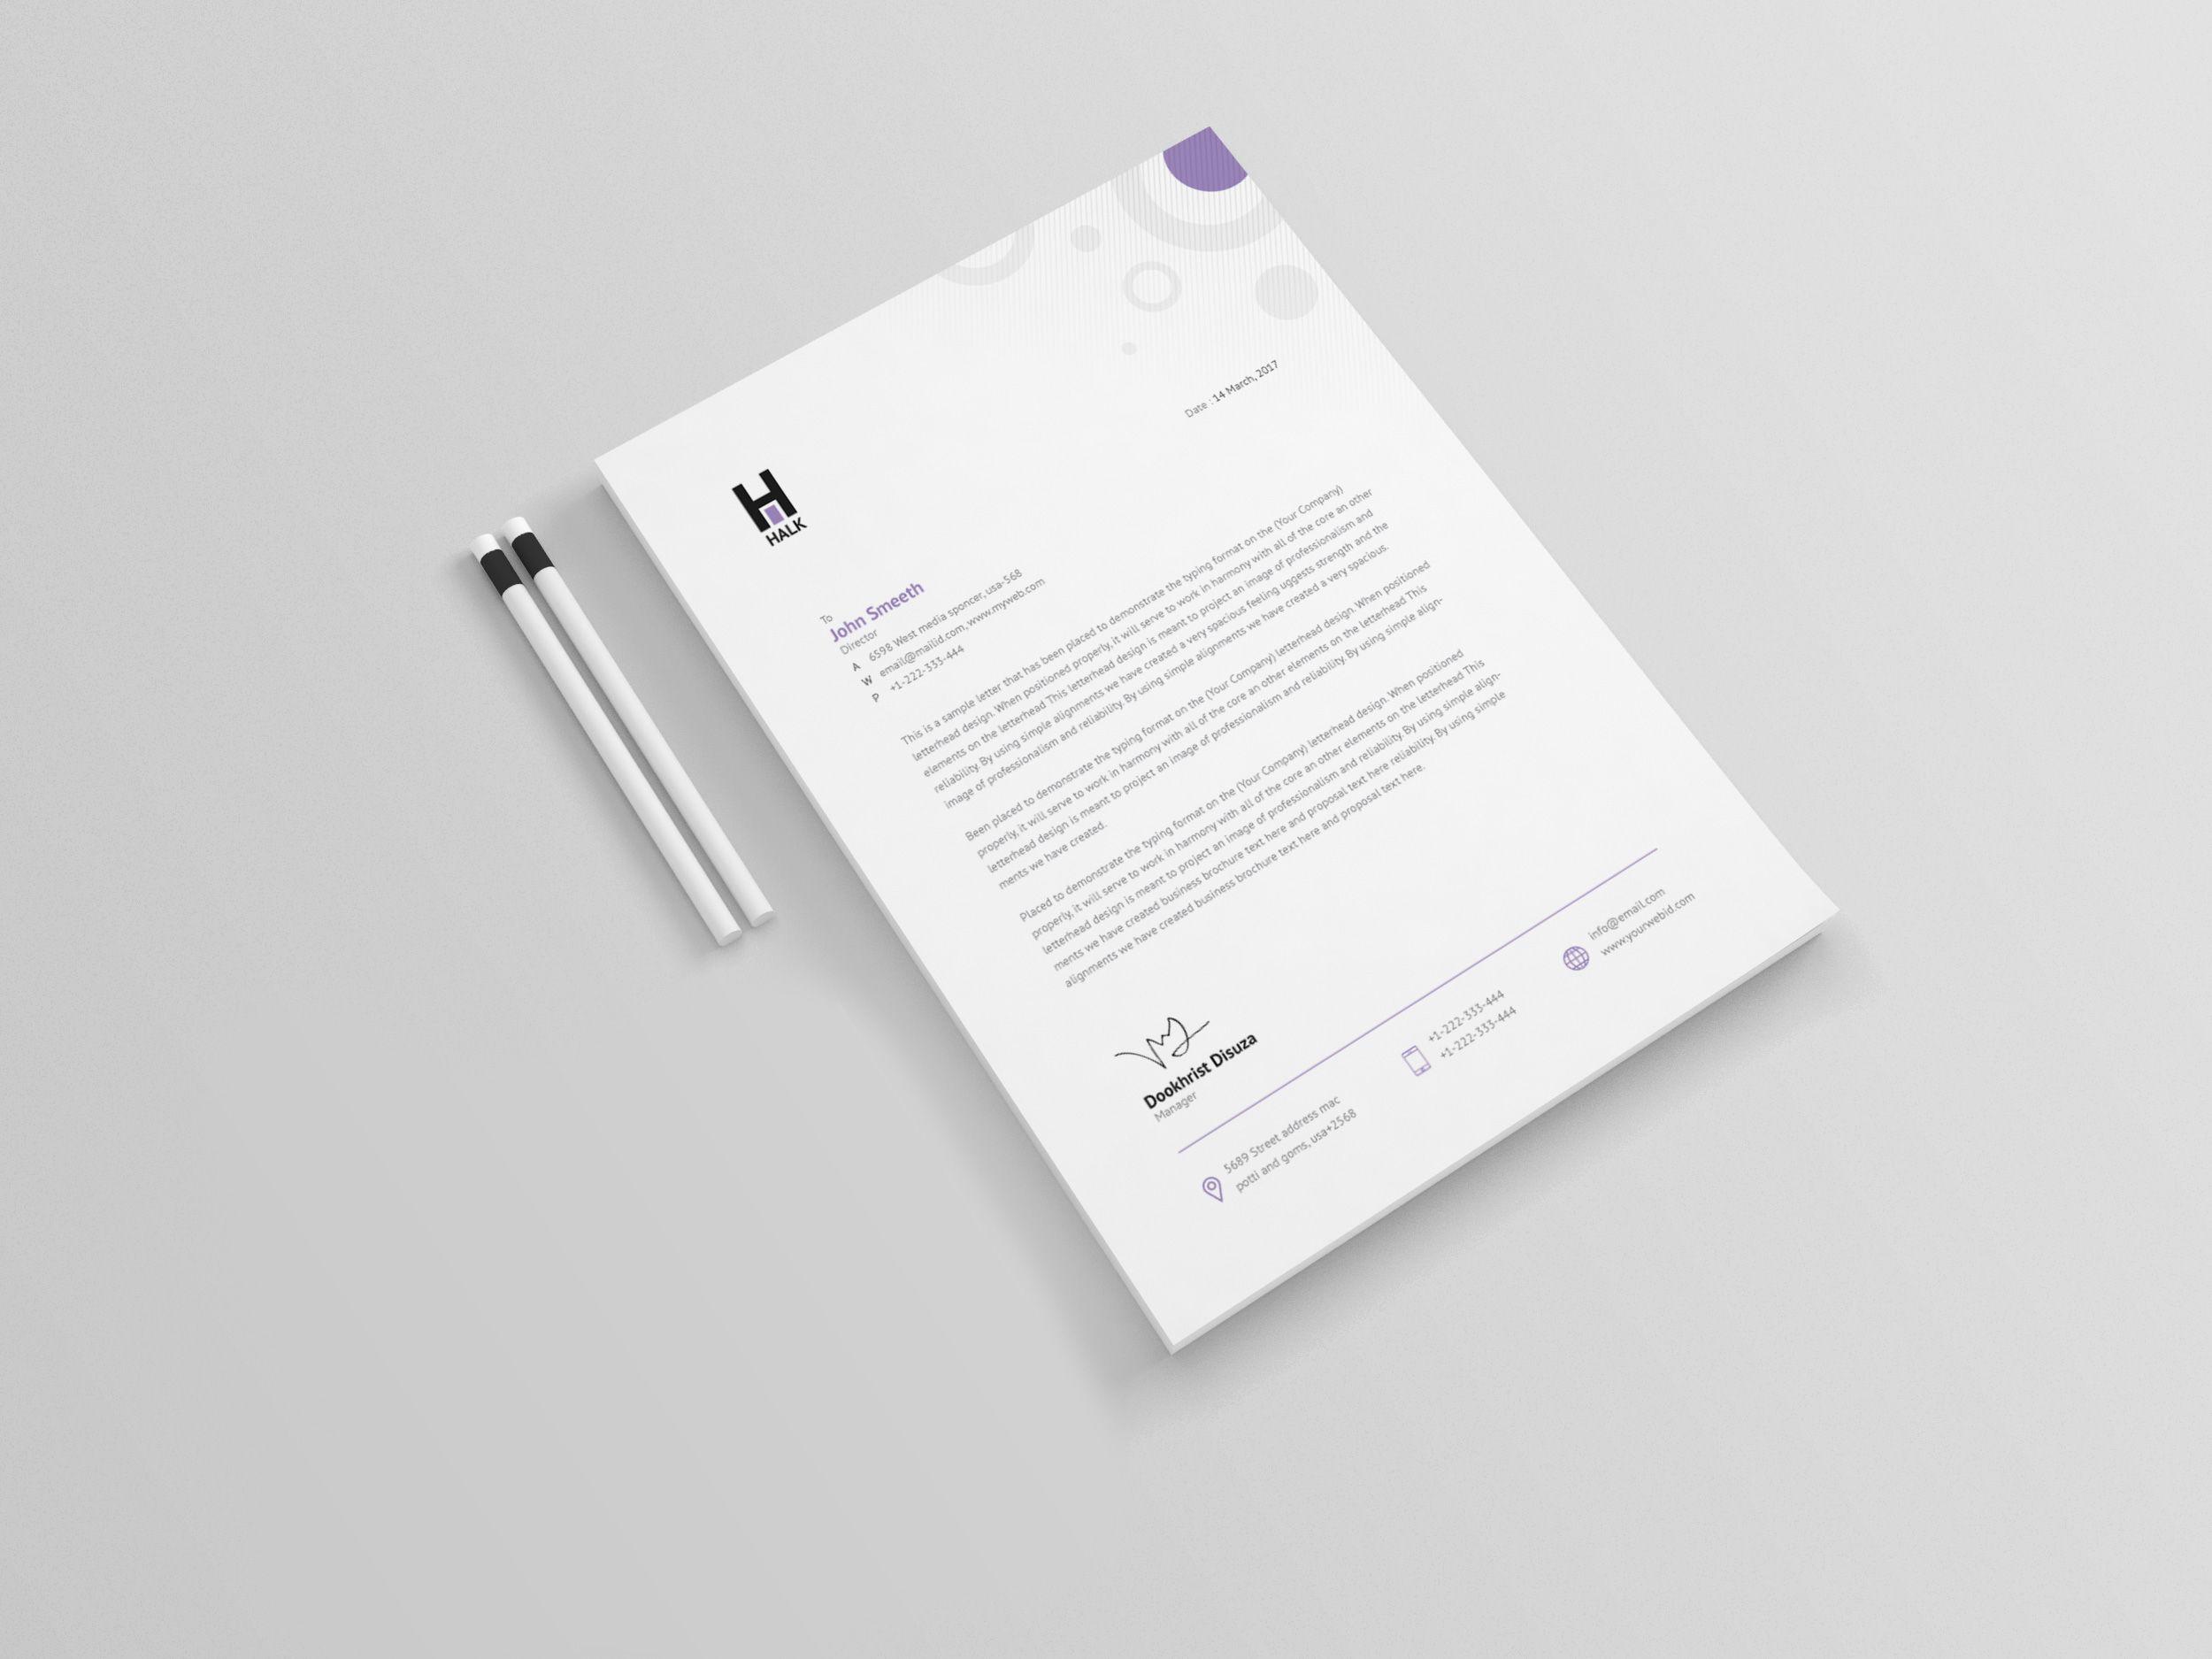 Achelous Professional Corporate Letterhead Template Graphic Templates Letterhead Template Letterhead Design Letterhead